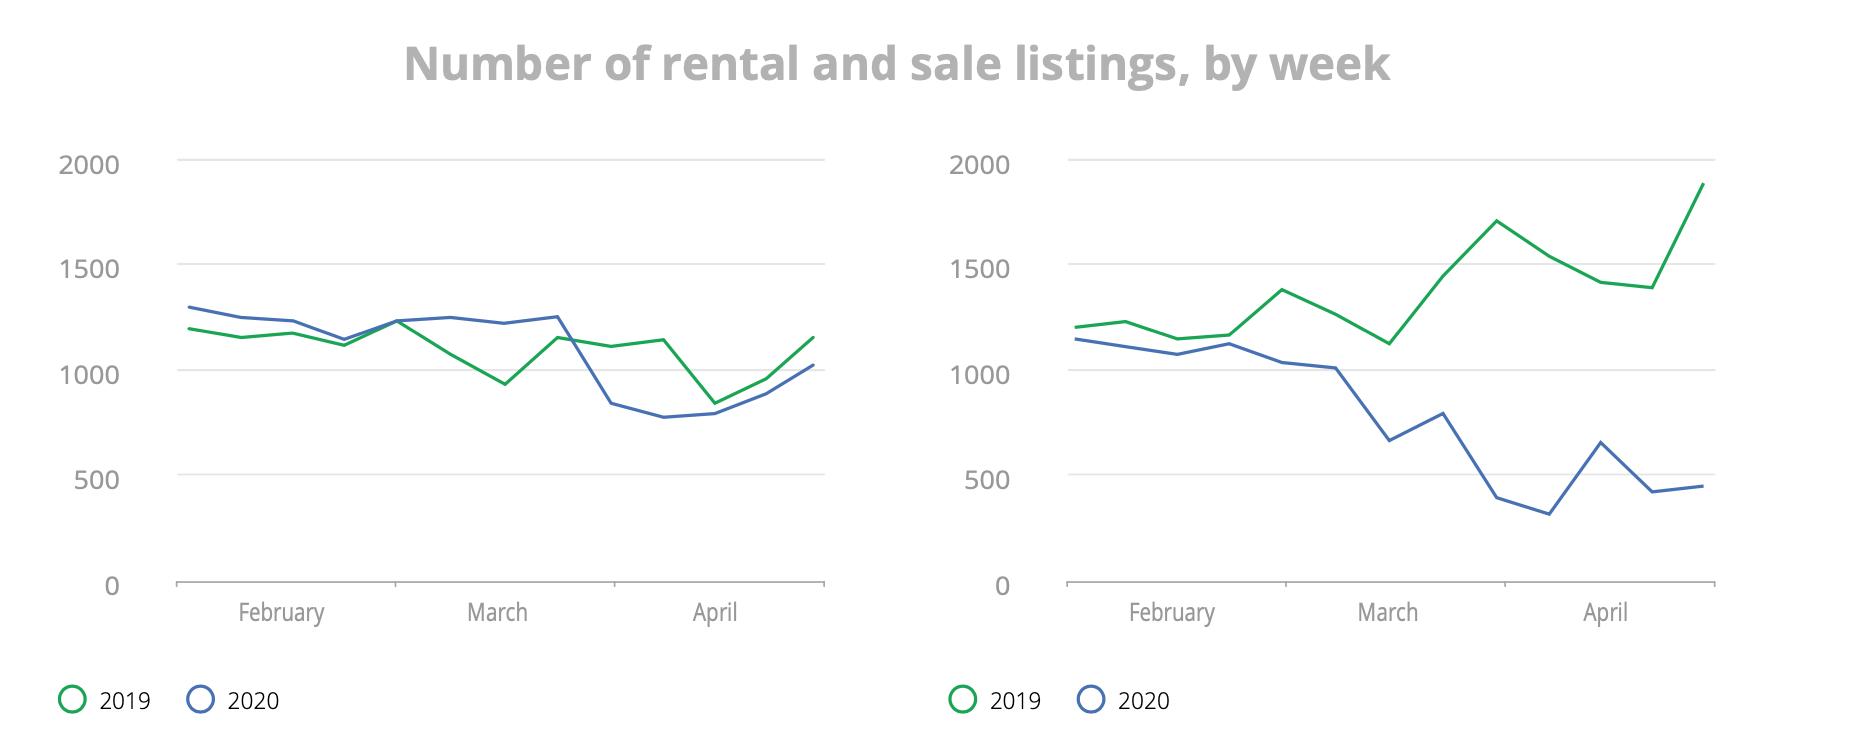 Number of rental and sale listings by week